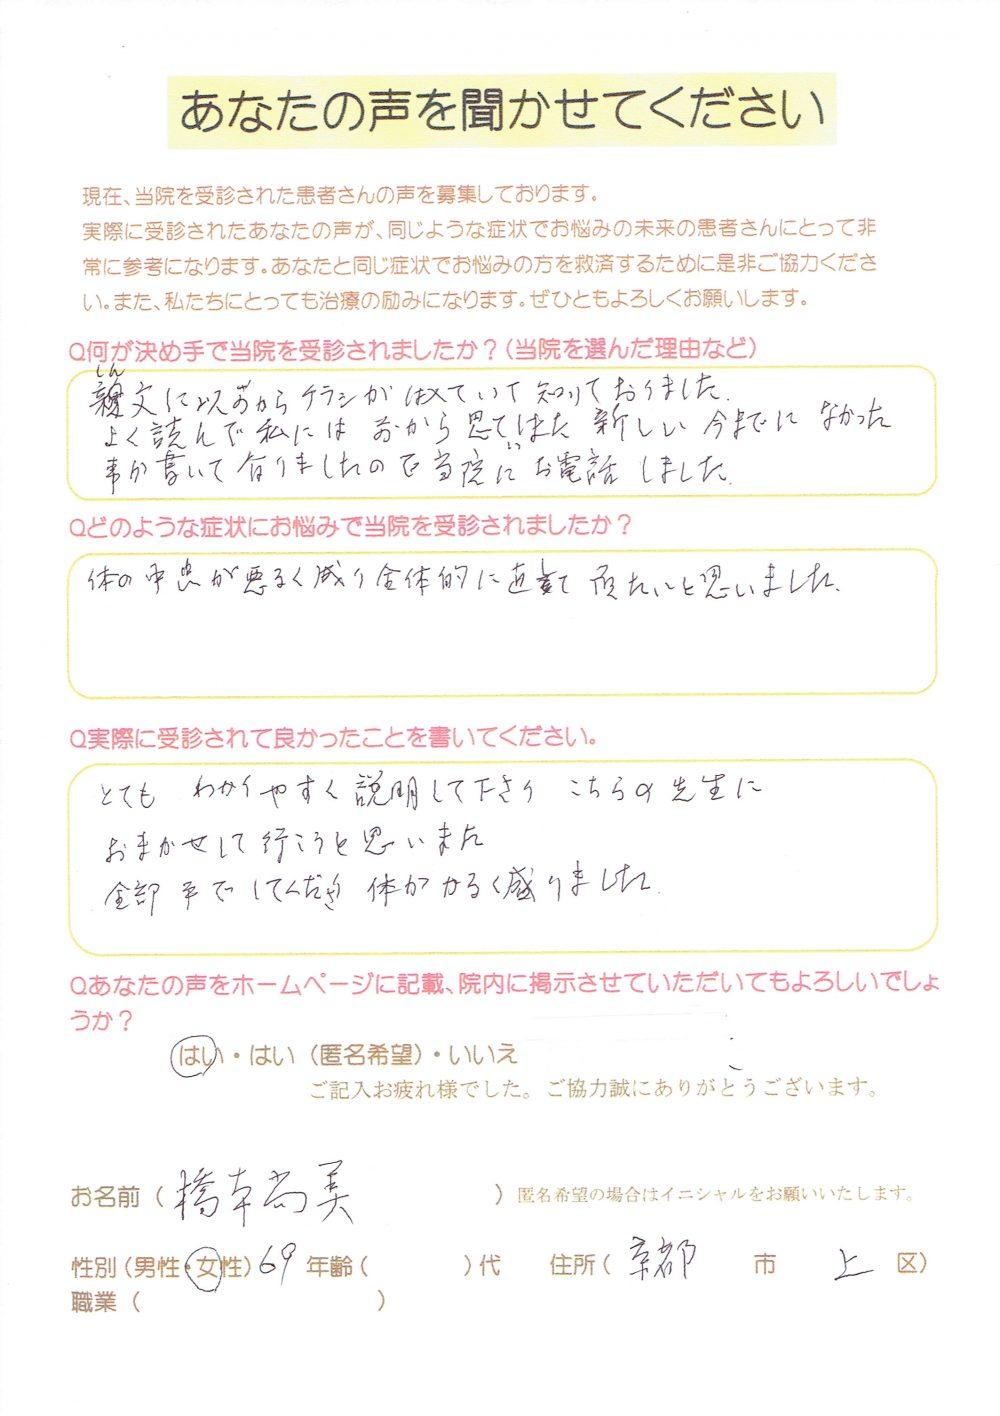 全て手技でしてください体が楽になりました。京都市上京区60代女性